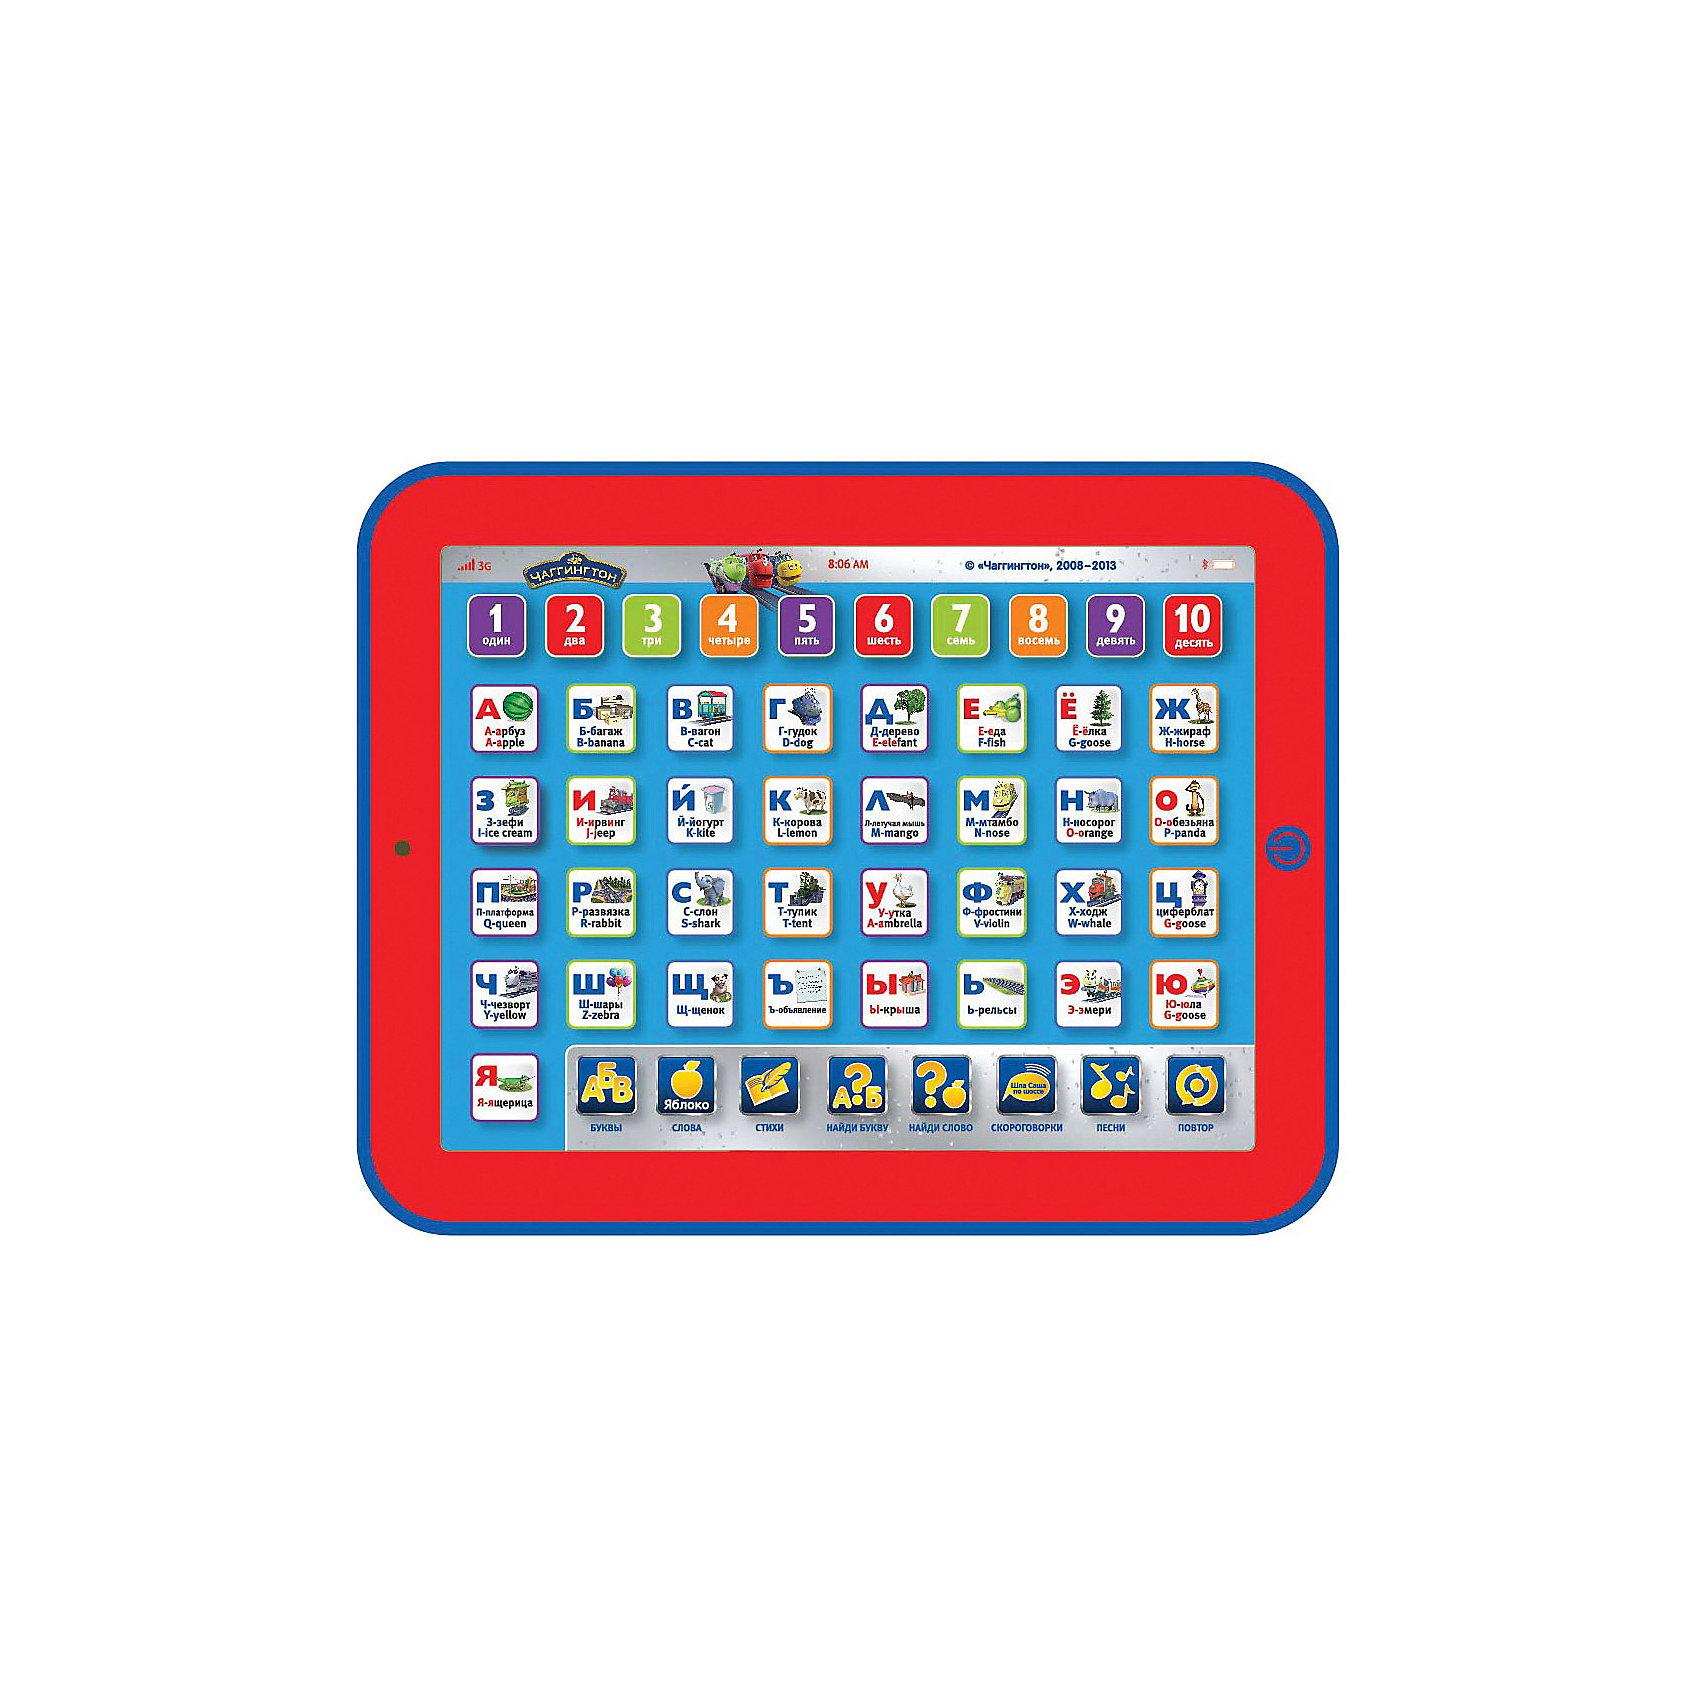 Обучающий планшет Чаггингтон, 7 программ, УмкаОбучающий планшет «Чаггингтон» от российского производителя детских игрушек, выпускаемый под брендом «Умка».<br>Игрушка стилизована по мотивам любимого всеми детьми мультика «Чаггингтон». <br>Обучающий планшет «Chuggington» имеет 7 обучающих режимов работы и режим «Экзамен». В обучающих режимах ребенок сможет выучить алфавит, буквы и цифры, узнать правила правописания и пополнить свой словарный запас, сможет прослушать скороговорки, стихи и песенки. Планшет содержит множество разноцветных кнопочек с цифрами, словами и картинками, при нажатии на которые активируется звуковой чип.<br><br>Планшет Умка способствует всестороннему развитию способностей, мелкой моторики рук, фантазии, воображения, эмоциональной активности и расширению кругозора ребенка.<br><br>Яркий детский планшет обязательно привлечет внимание и развлечет как самых маленьких детишек, которые только начинают изучать и осваивать мир вокруг себя, так и детей постарше.<br><br>Дополнительная информация:<br><br>- 33 стихотворения<br>- 15 скороговорок<br>- Песни из мультфильма<br>- Материал: высококачественная пластмасса<br>- Размеры упаковки(ДхШхВ): 25 x 4 x 29 см<br>- Батарейки:  AAA. В комплекте батарейки предназначенные для демонстрационных целей, рекомендуем докупить новые.<br>- Вес: 450 г.<br><br>Обучающий планшет «Чаггингтон», Умка можно купить в нашем интернет-магазине.<br><br>Ширина мм: 250<br>Глубина мм: 40<br>Высота мм: 290<br>Вес г: 450<br>Возраст от месяцев: 36<br>Возраст до месяцев: 96<br>Пол: Мужской<br>Возраст: Детский<br>SKU: 3482906